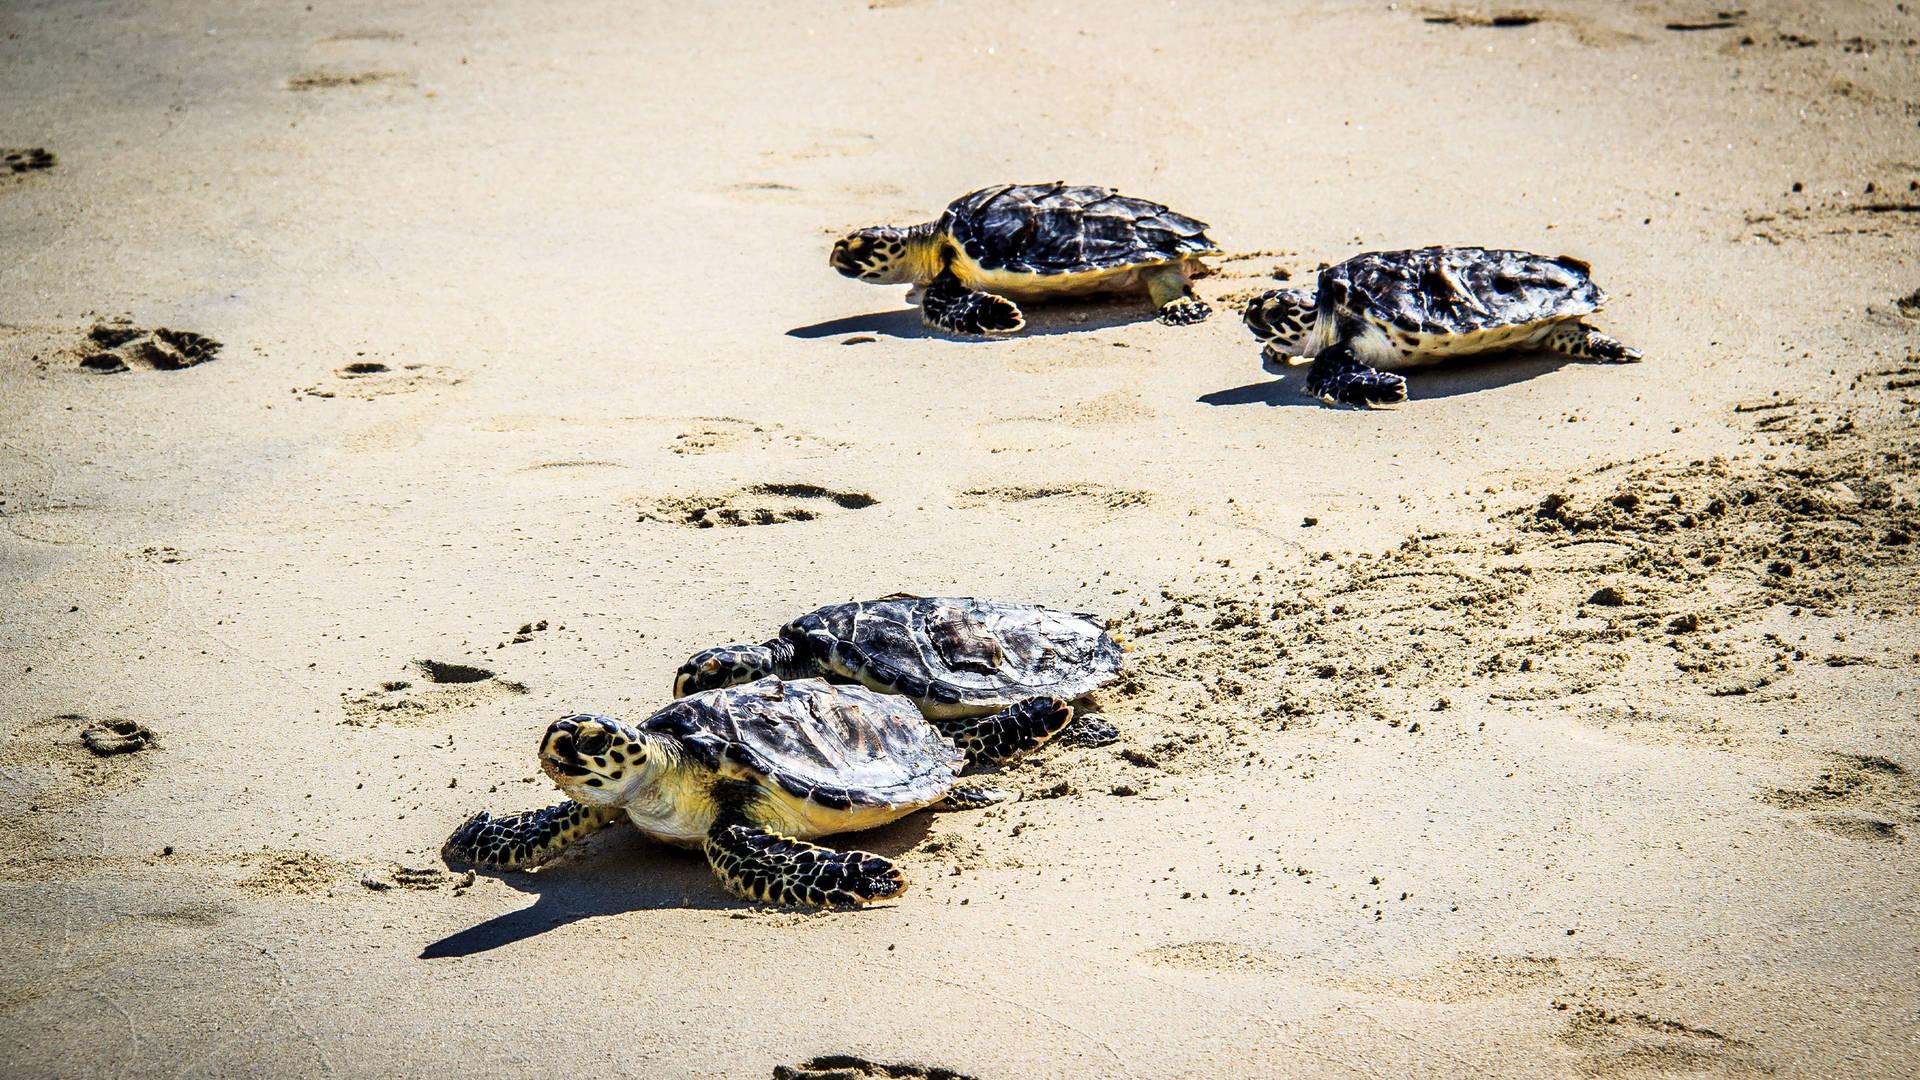 Burj Arab Turtle Release